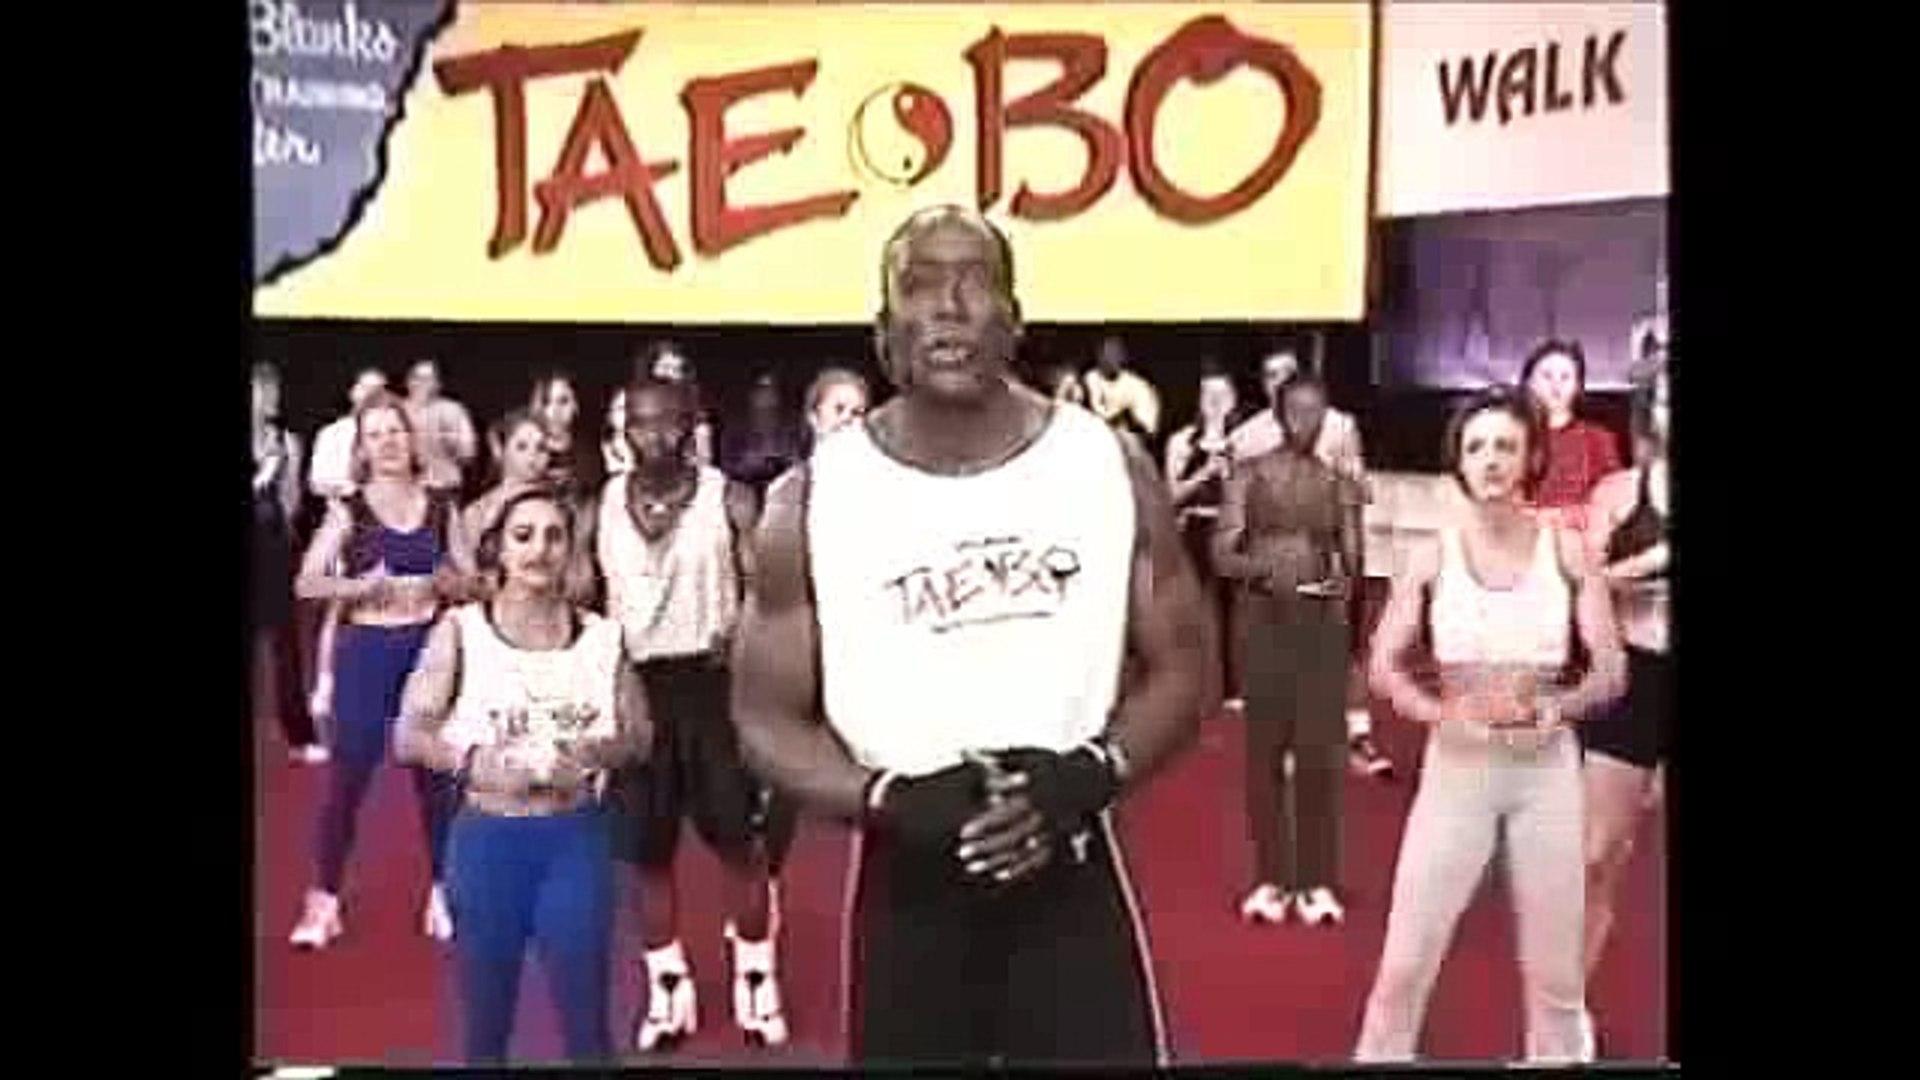 Clases de Tae Bo Básico con Billy Blanks 2 de 12